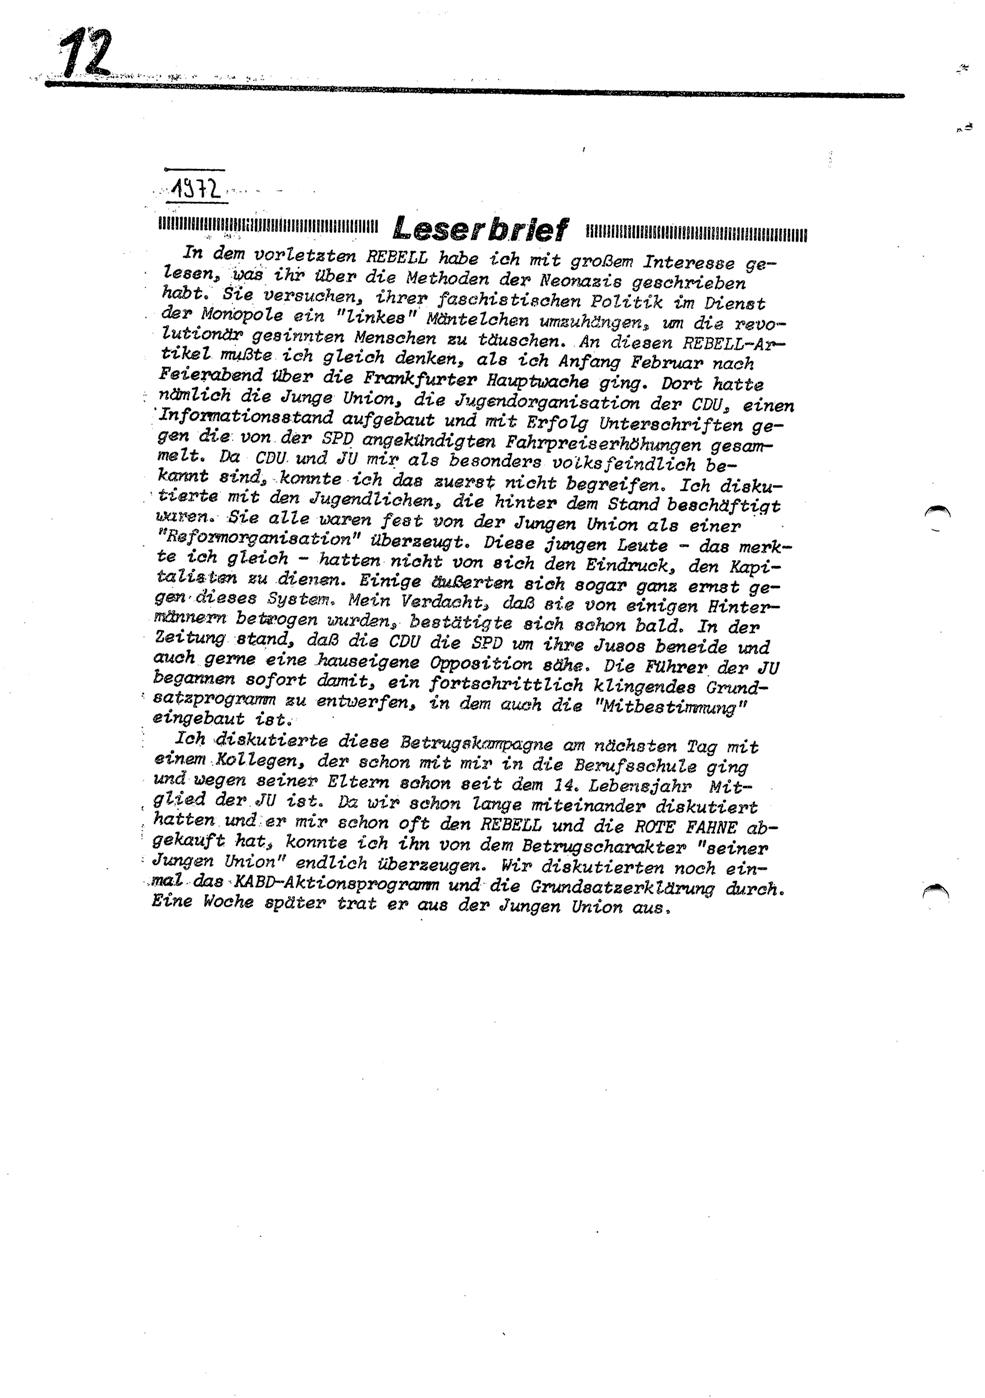 KABRW_Arbeitshefte_1977_25_011